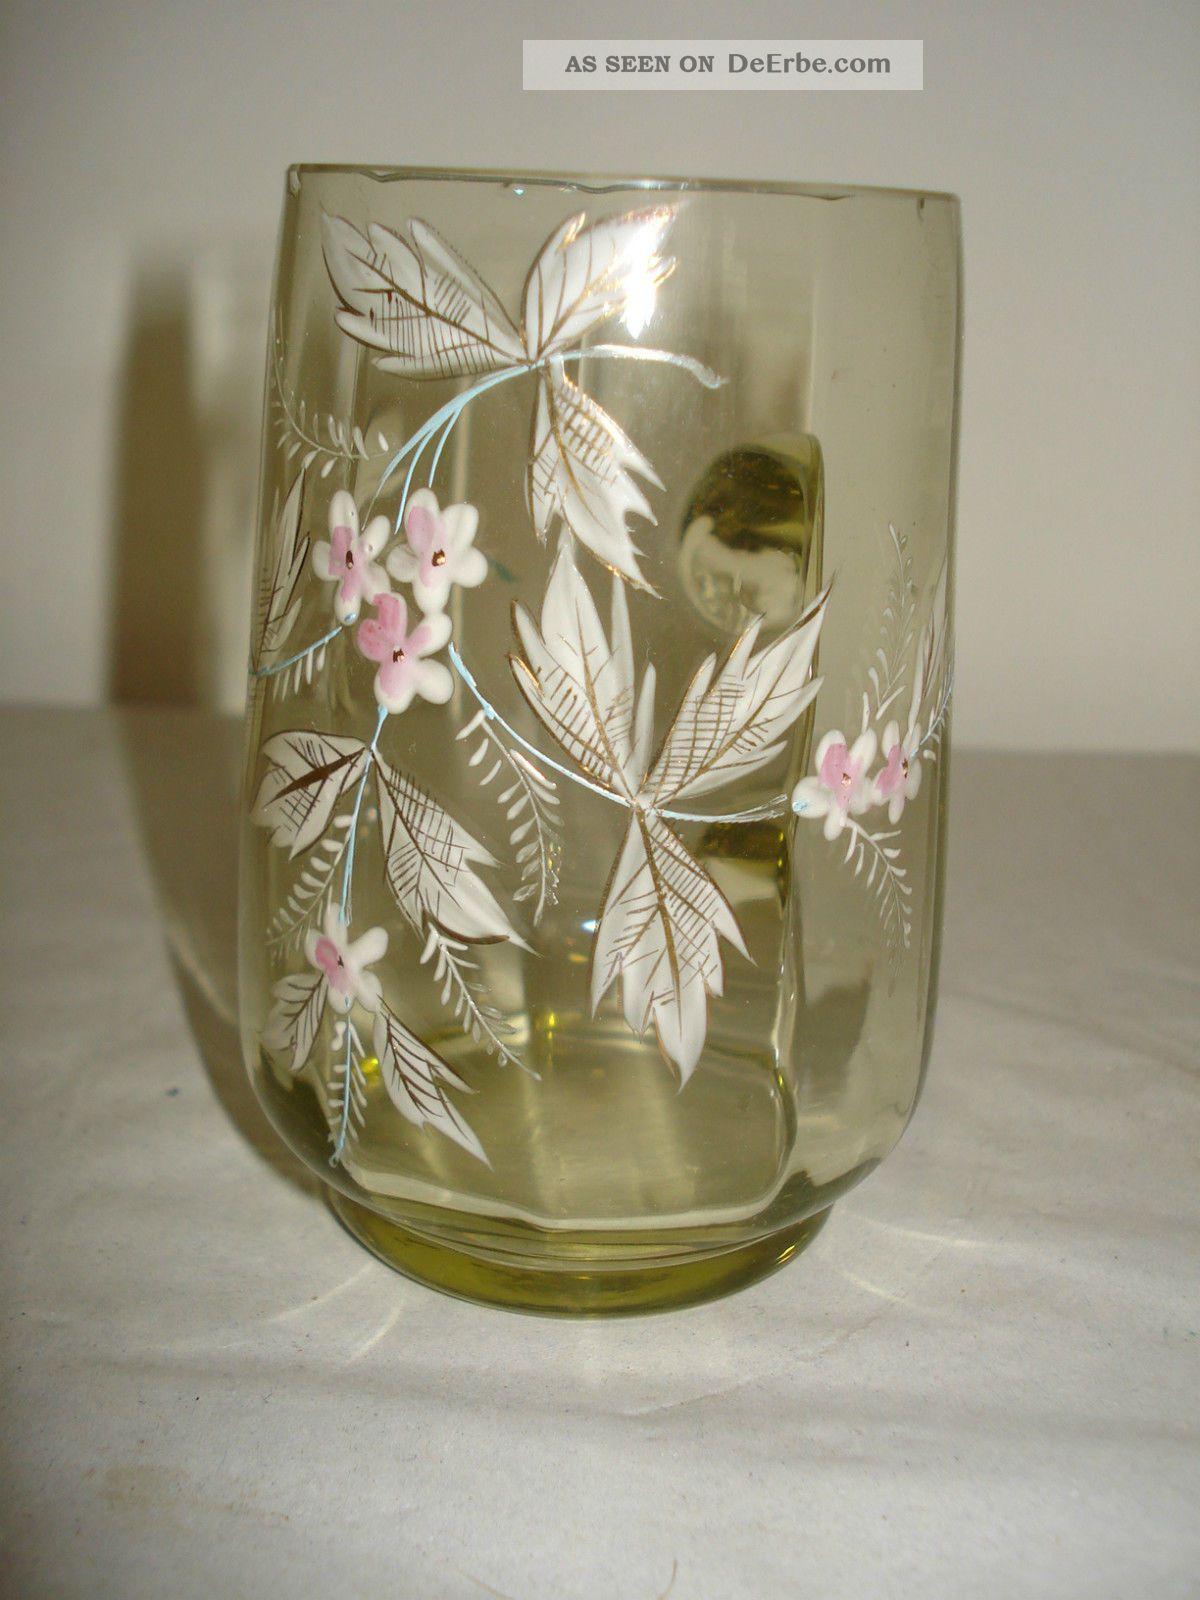 Becherglas Um 1880 - Grün - Emaille Bemalung Mit Blumen - Optisch Geblasen /glas Sammlerglas Bild